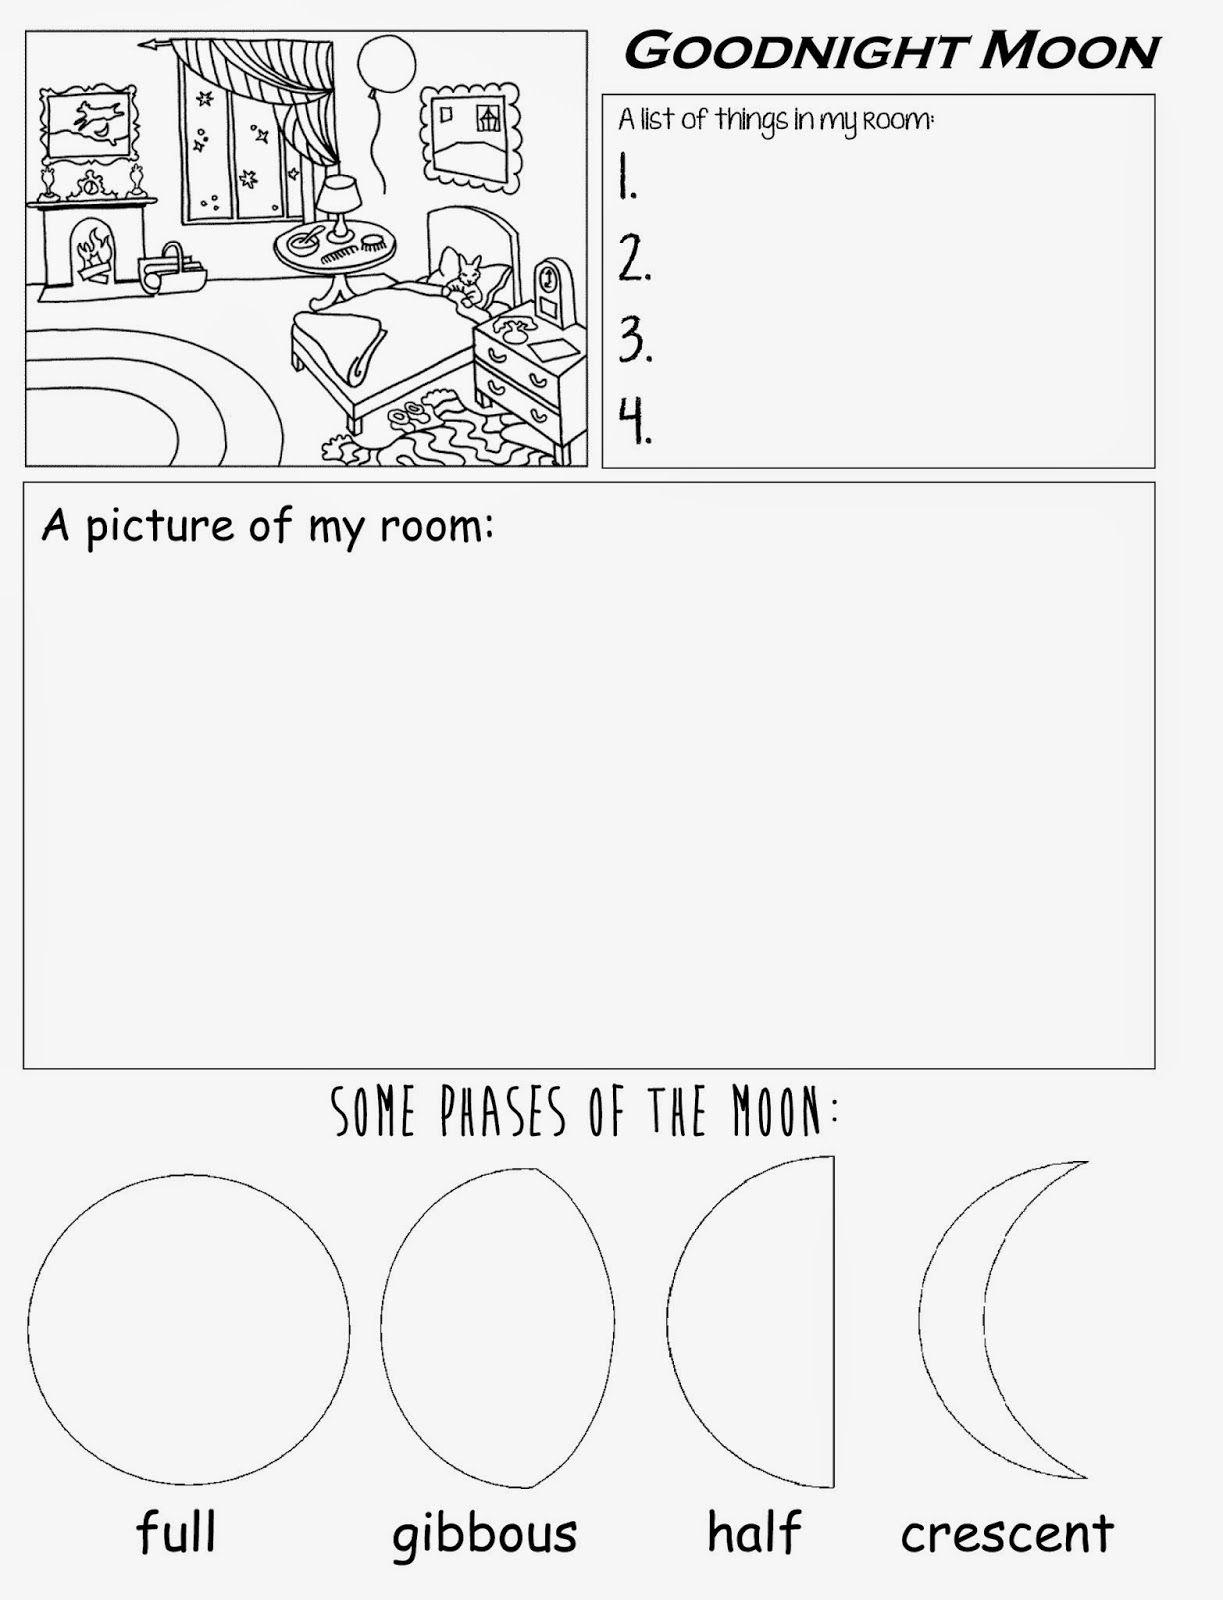 Goodnight Moon Free Printable Worksheet For Preschool Kindergarten | Free Printable Homework Worksheets